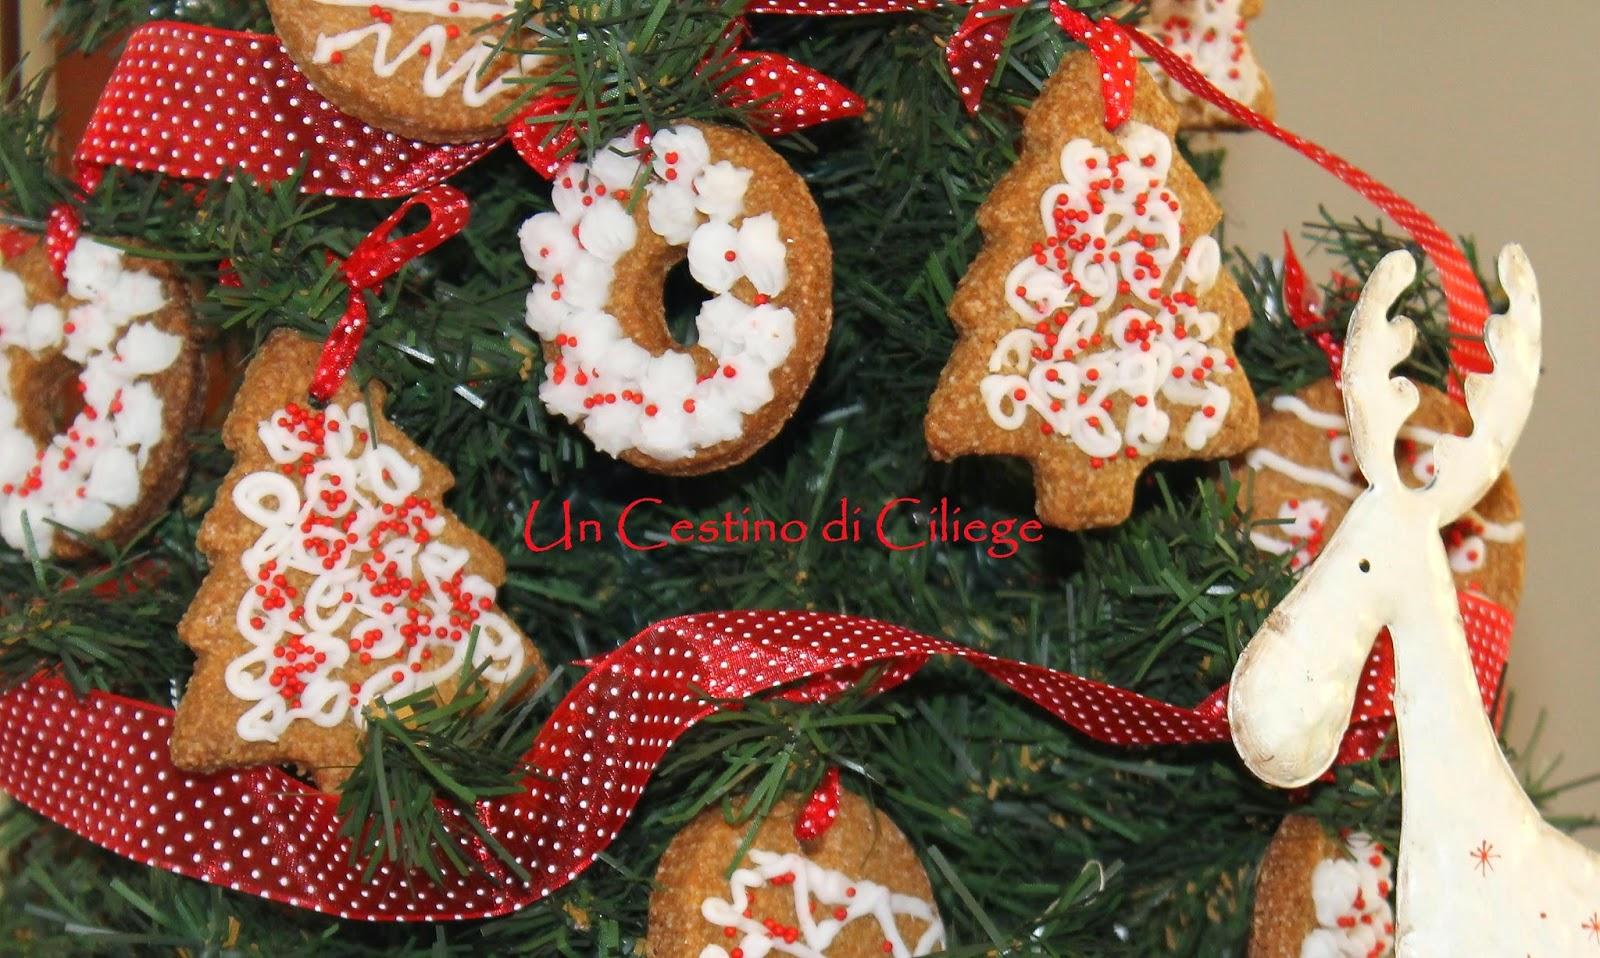 Albero Di Natale Addobbato Con Biscotti.Un Cestino Di Ciliege Biscotti Speziati Da Appendere All Albero Di Natale